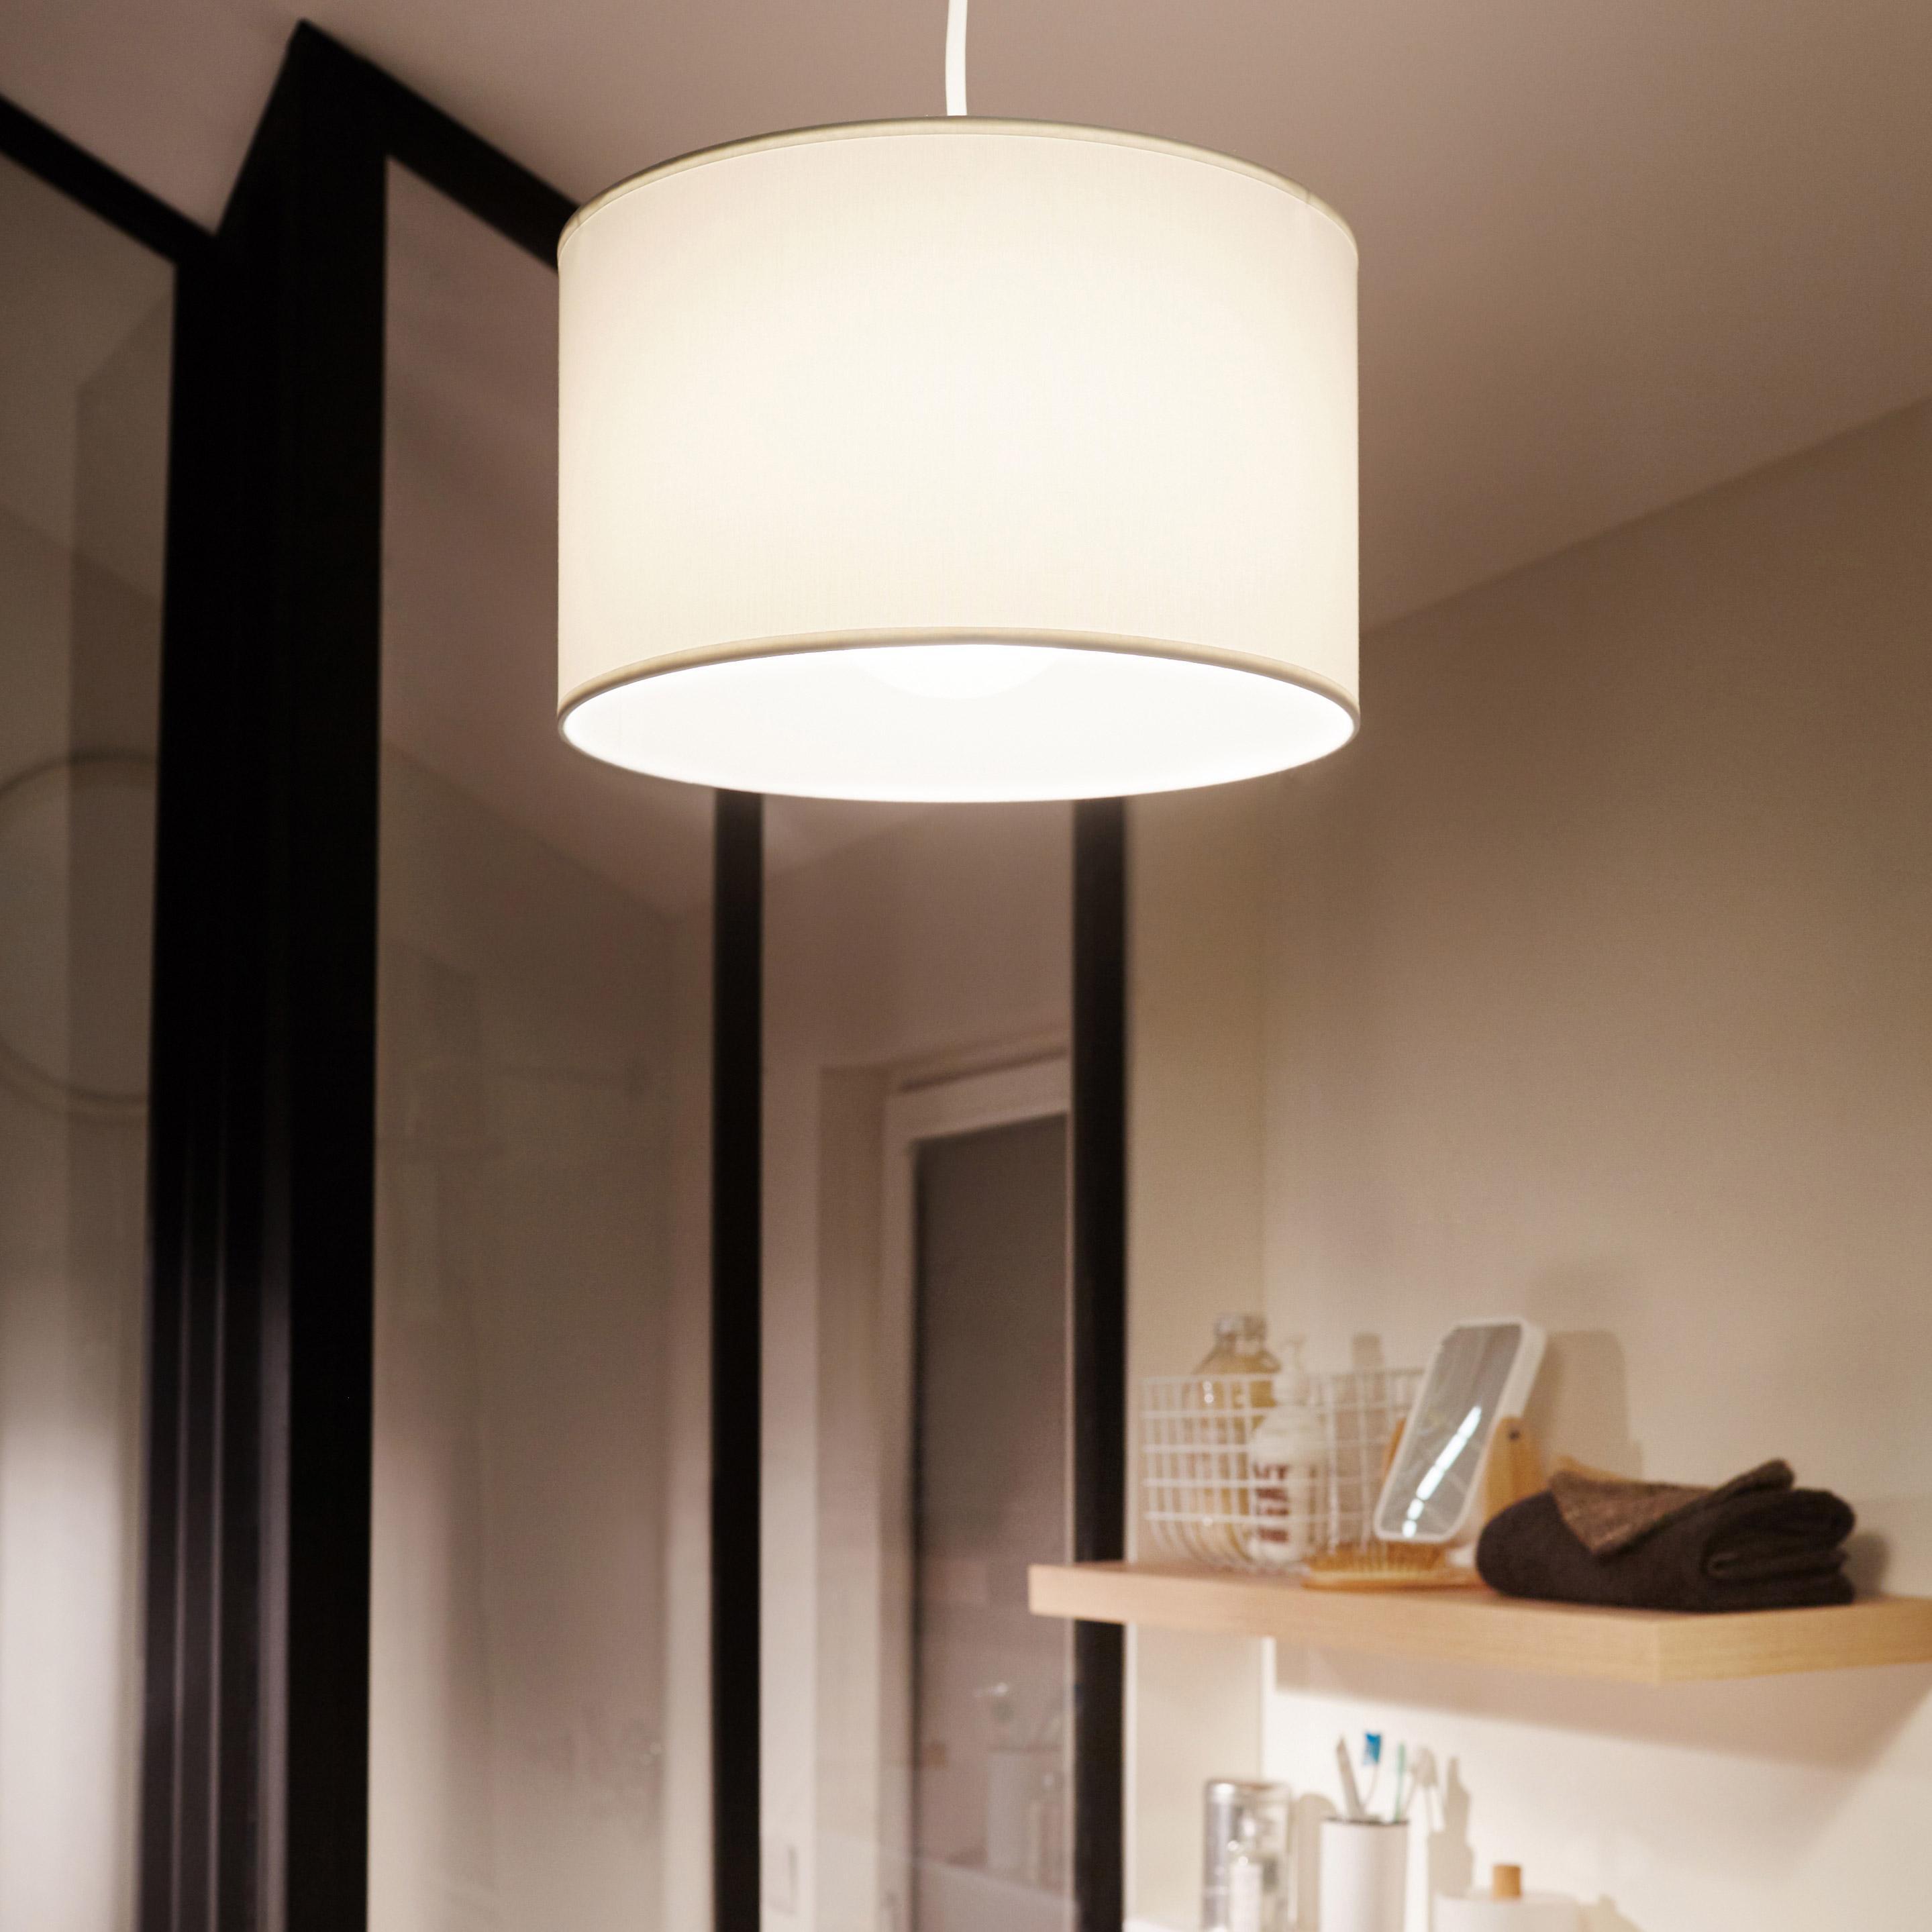 Suspension Bul coton blanc, sans ampoule 1x E27 COREP